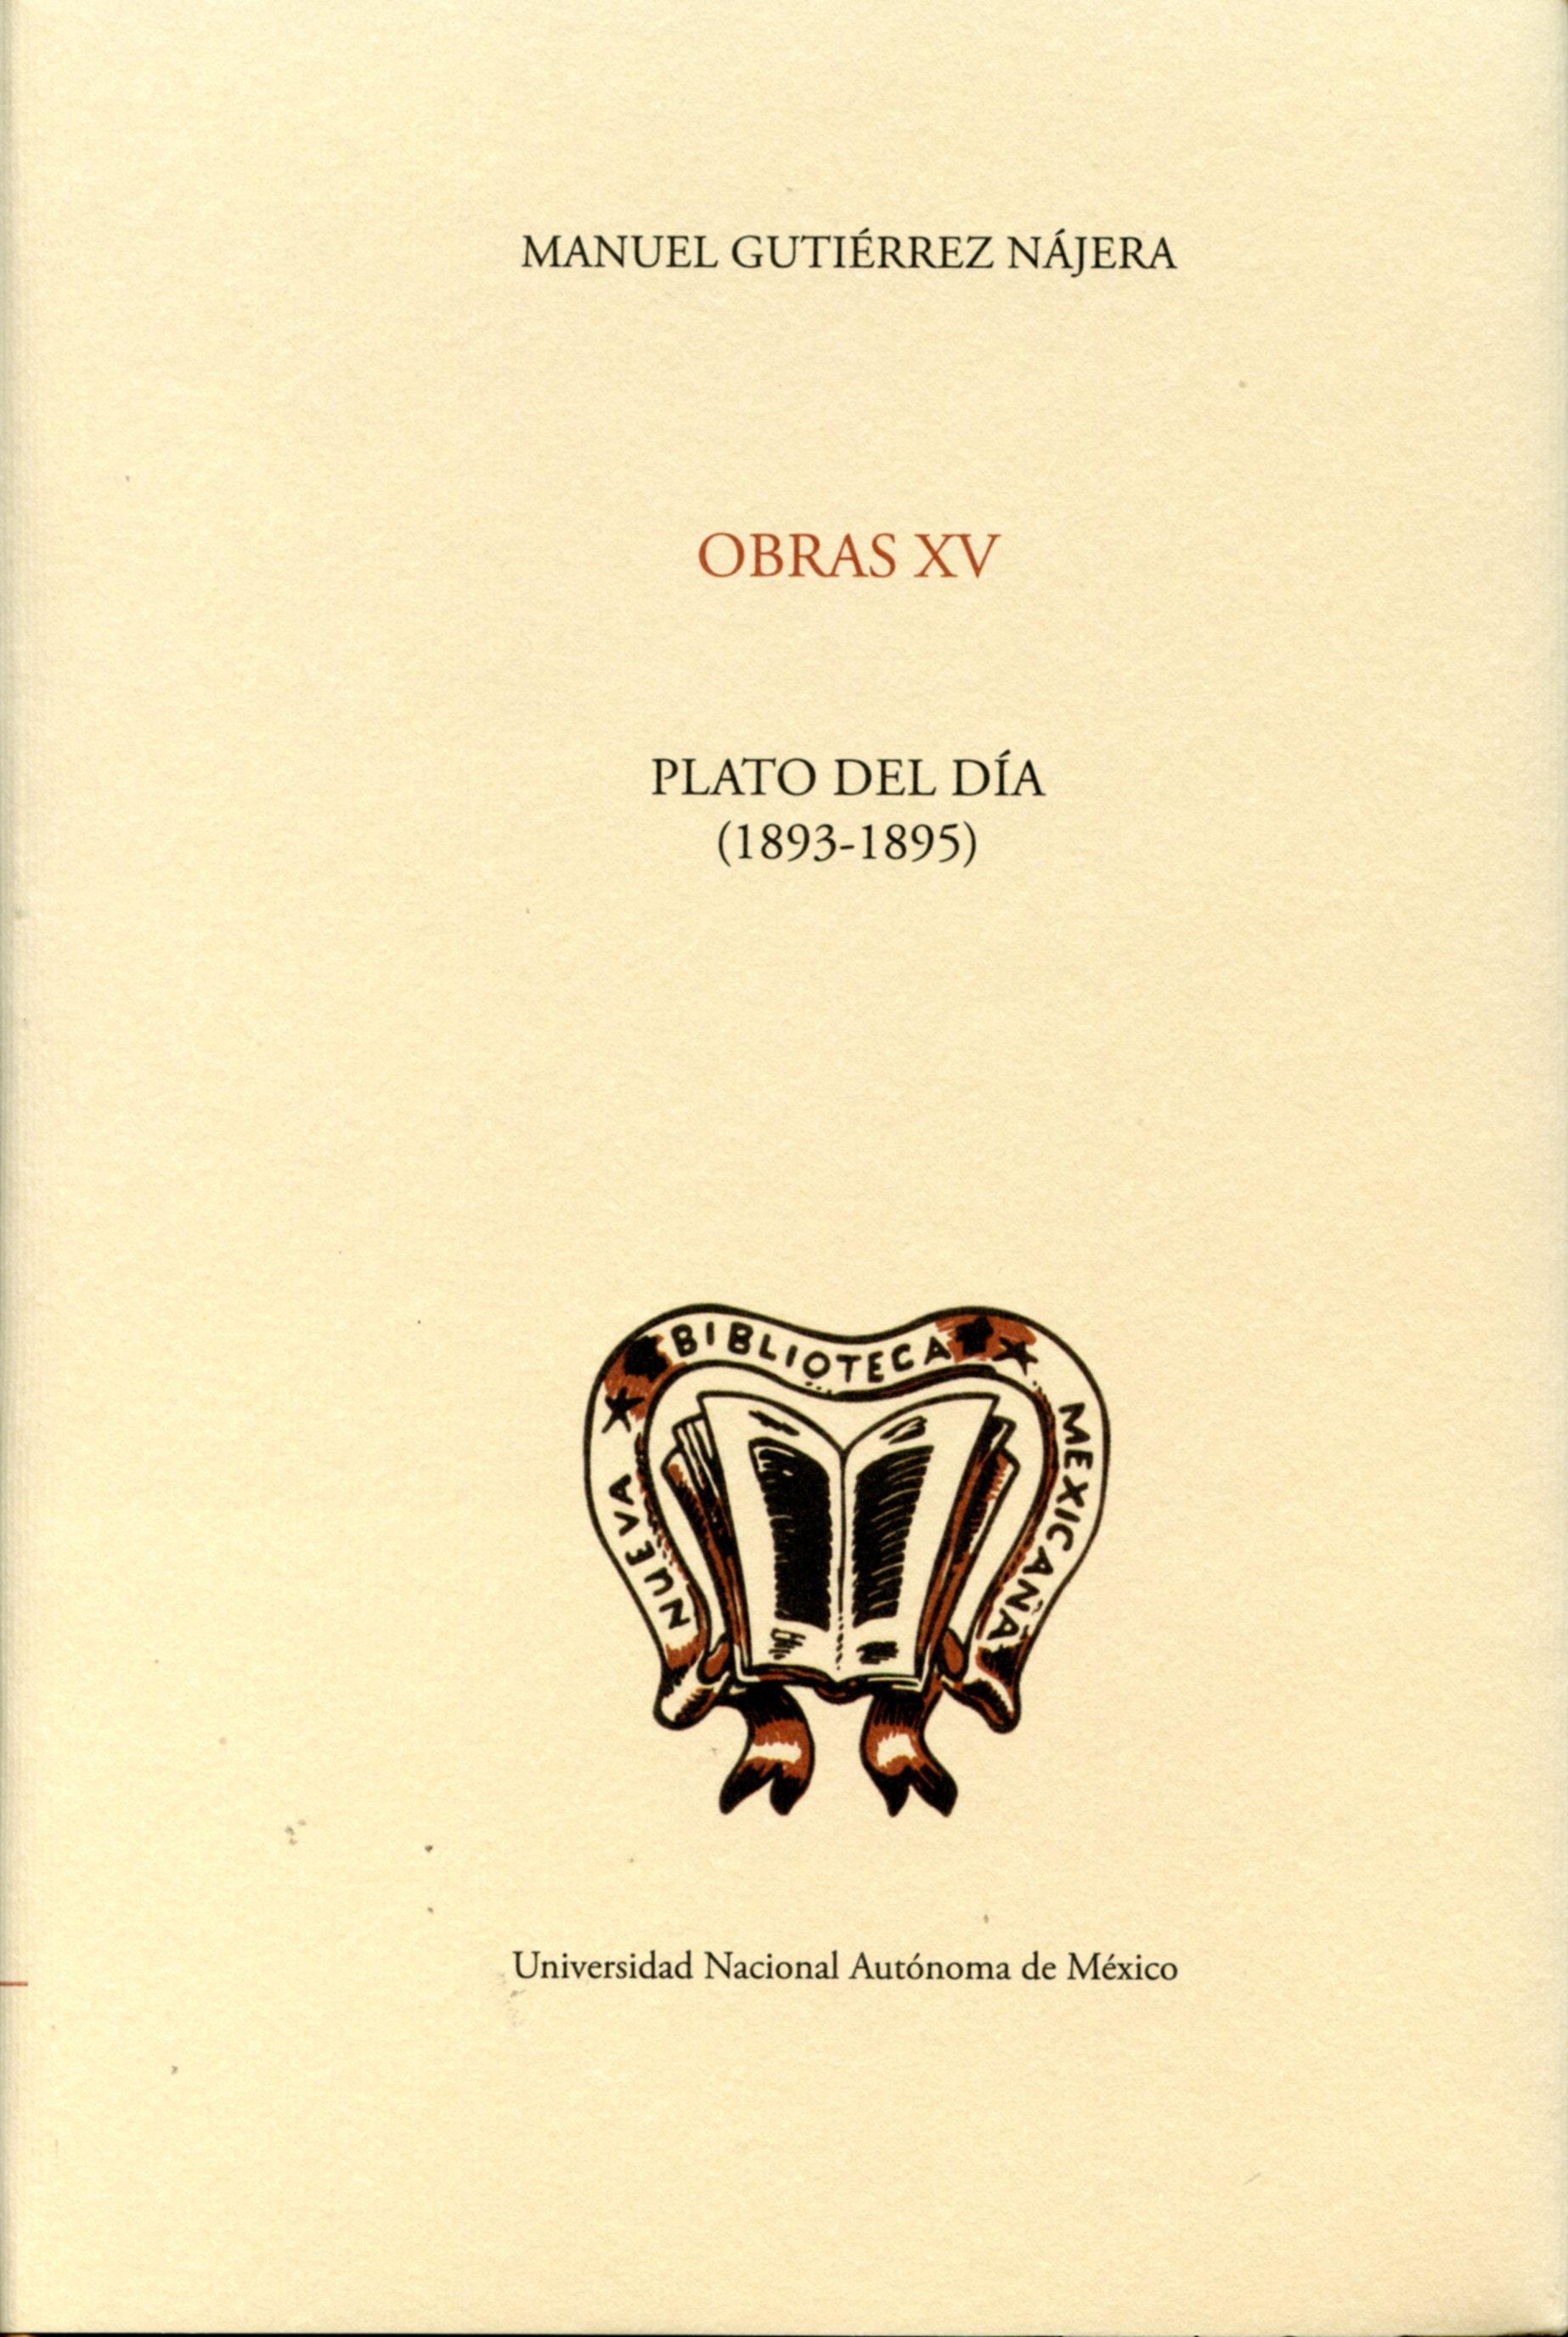 """Obras XV: """"Plato del día"""" (1893-1895)"""